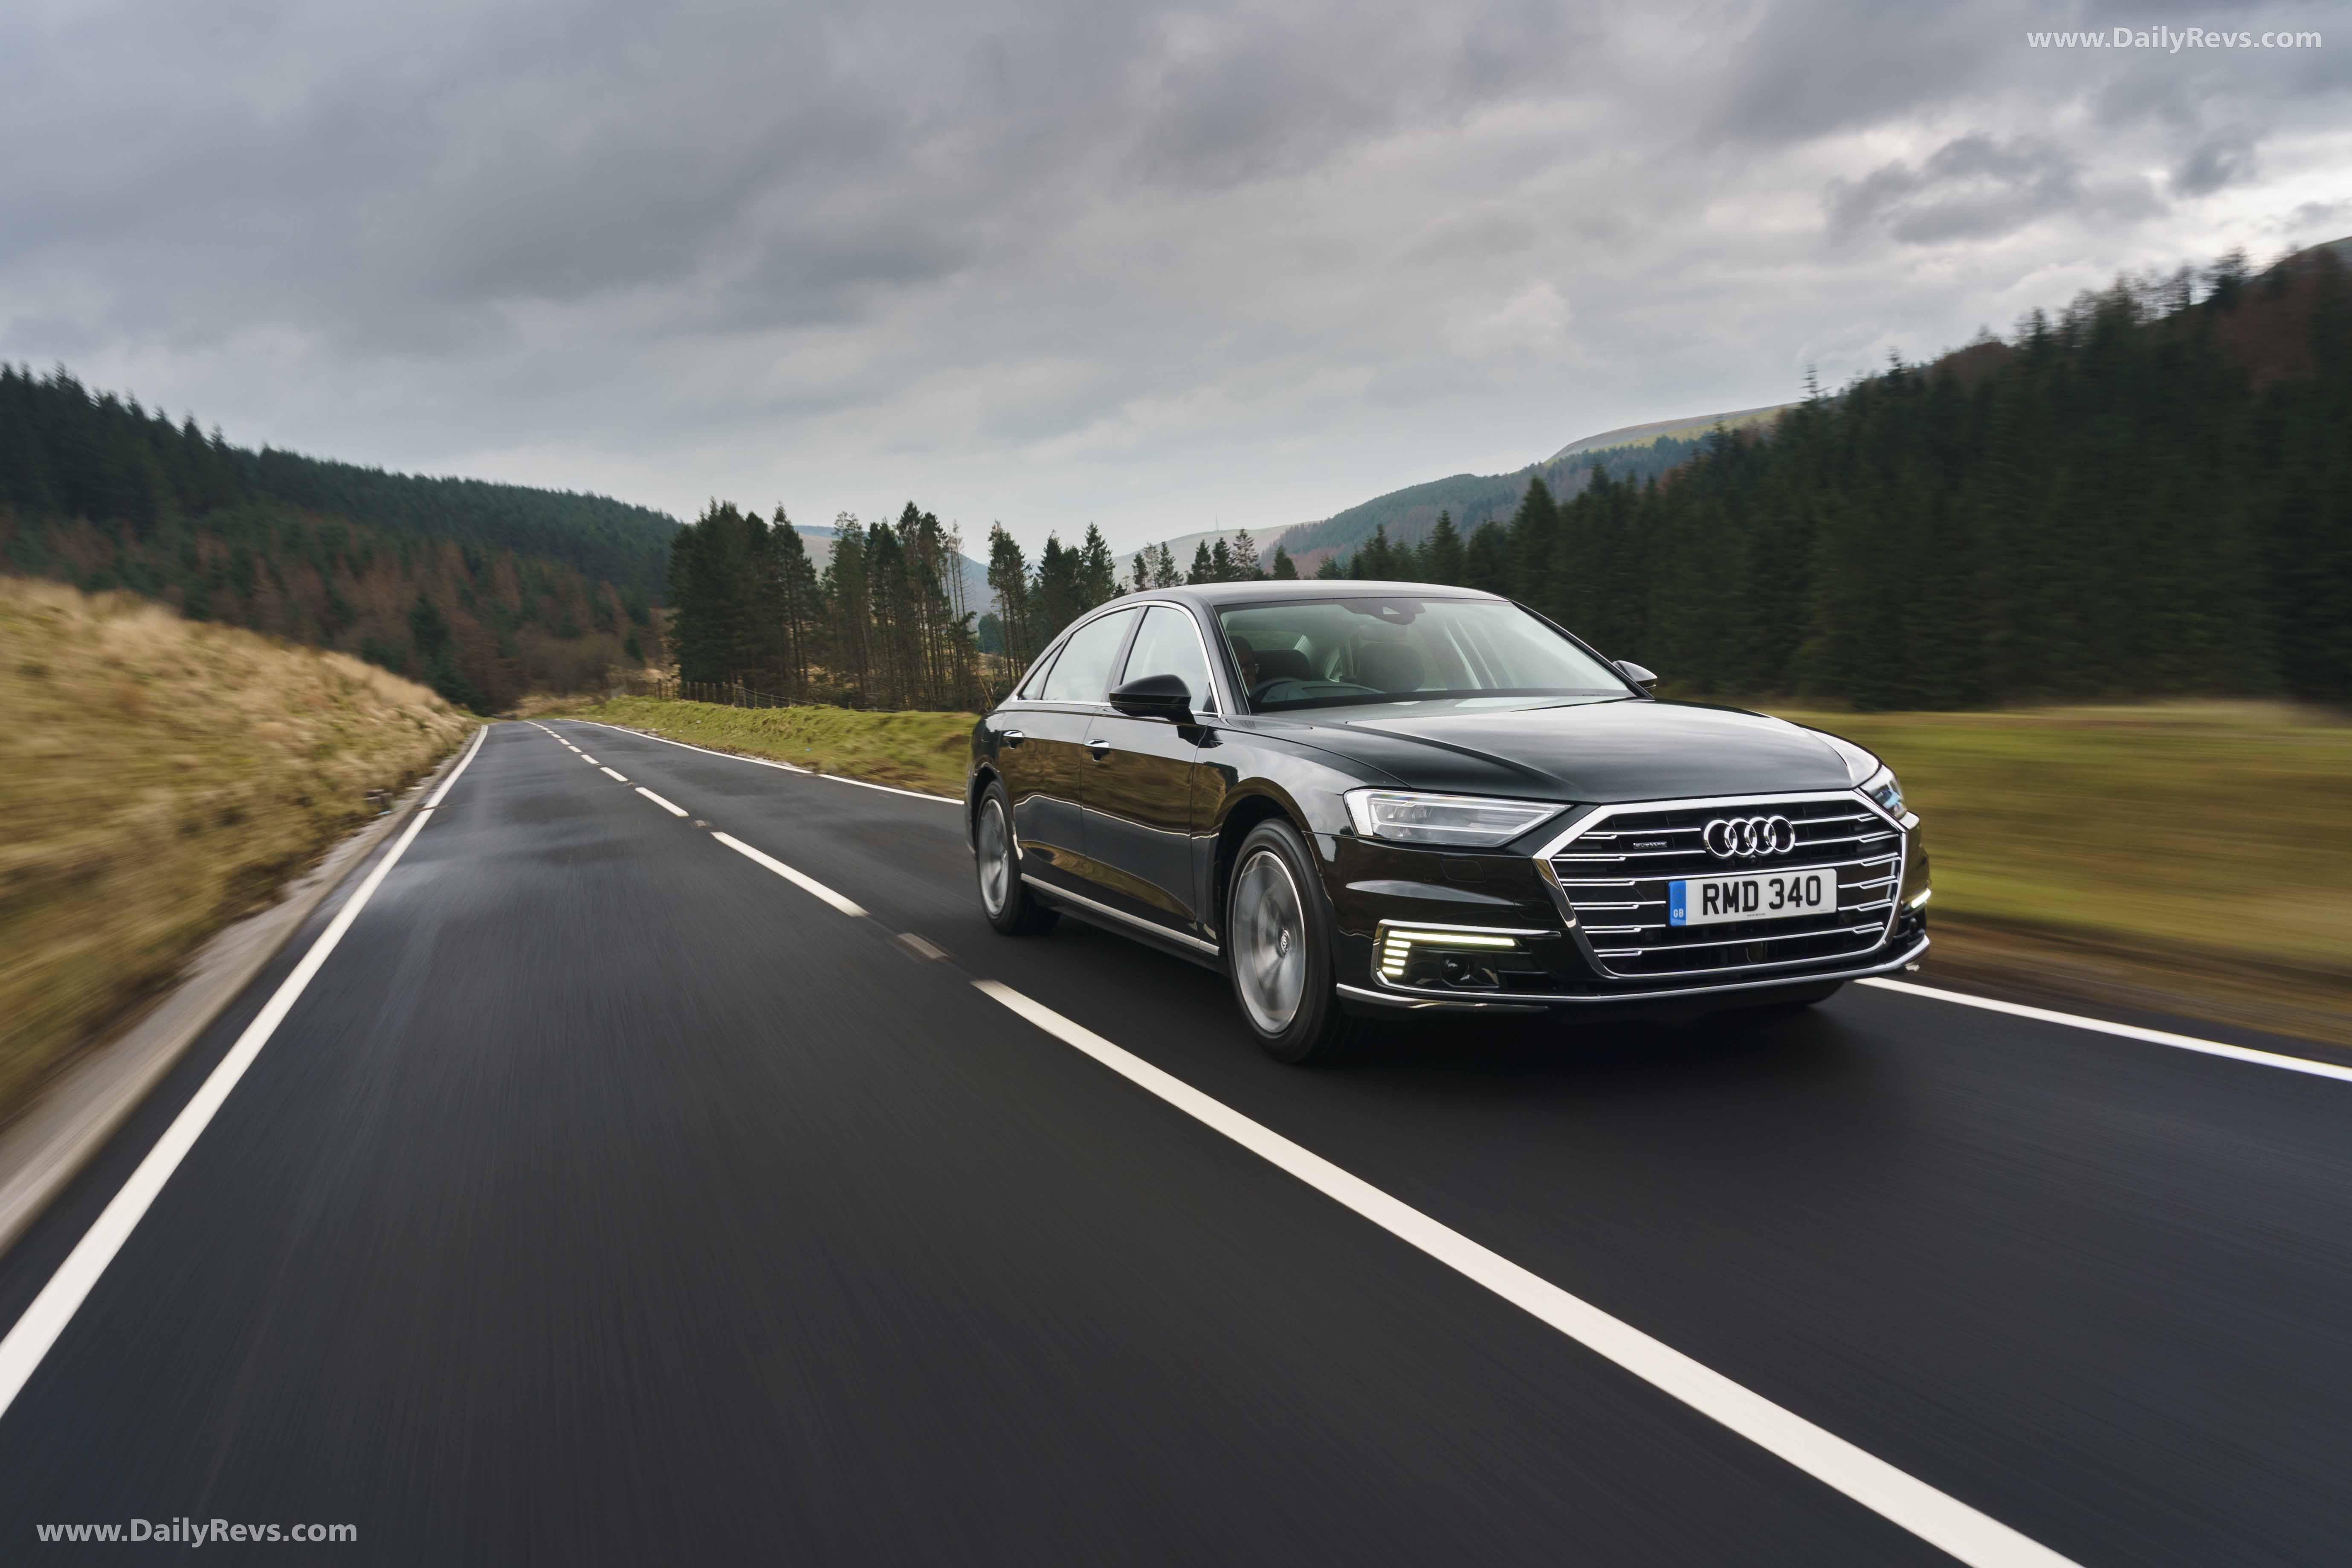 2020 Audi A8 L UK - HD Pictures, Videos, Specs ...